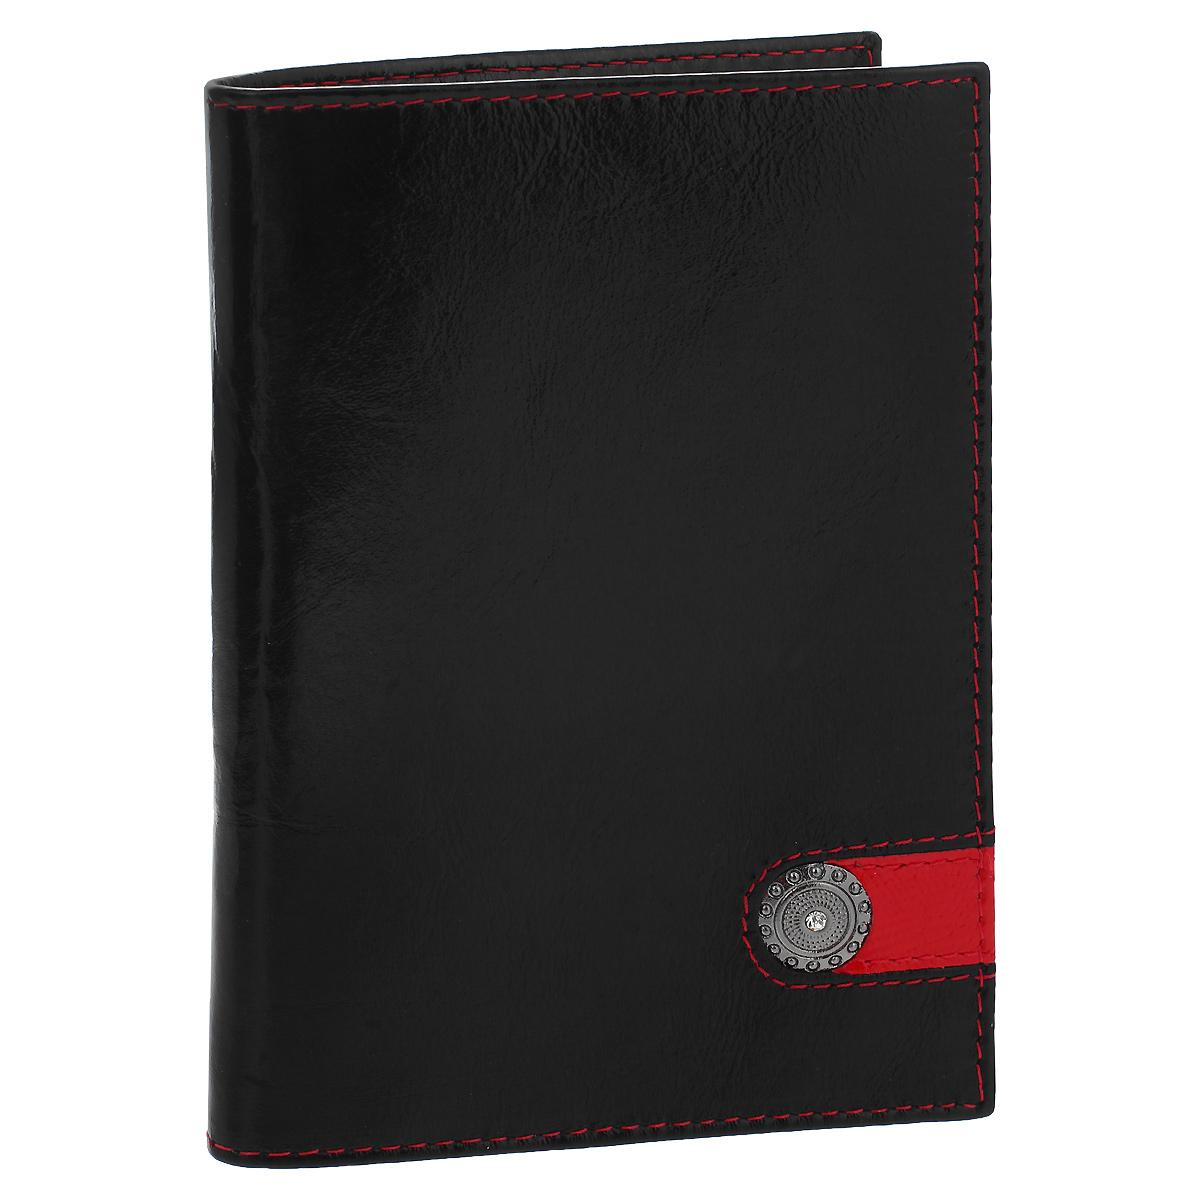 Обложка для паспорта Dimanche Panthere Noire, цвет: черный. 320320Обложка для паспорта Panthere Noire выполнена из натуральной кожи с глянцевой поверхностью и оформлен декоративным металлическим элементом со стразой. На внутреннем развороте - два кармашка из прозрачного пластика. Обложка не только поможет сохранить внешний вид ваших документов и защитит их от повреждений, но и станет стильным аксессуаром, который подчеркнет ваш неповторимый стиль.Обложка упакована в коробку из плотного картона с логотипом фирмы. Характеристики:Материал: натуральная кожа, ПВХ. Цвет: черный. Размер обложки: 9,5 см х 13,5 см х 1,5 см.